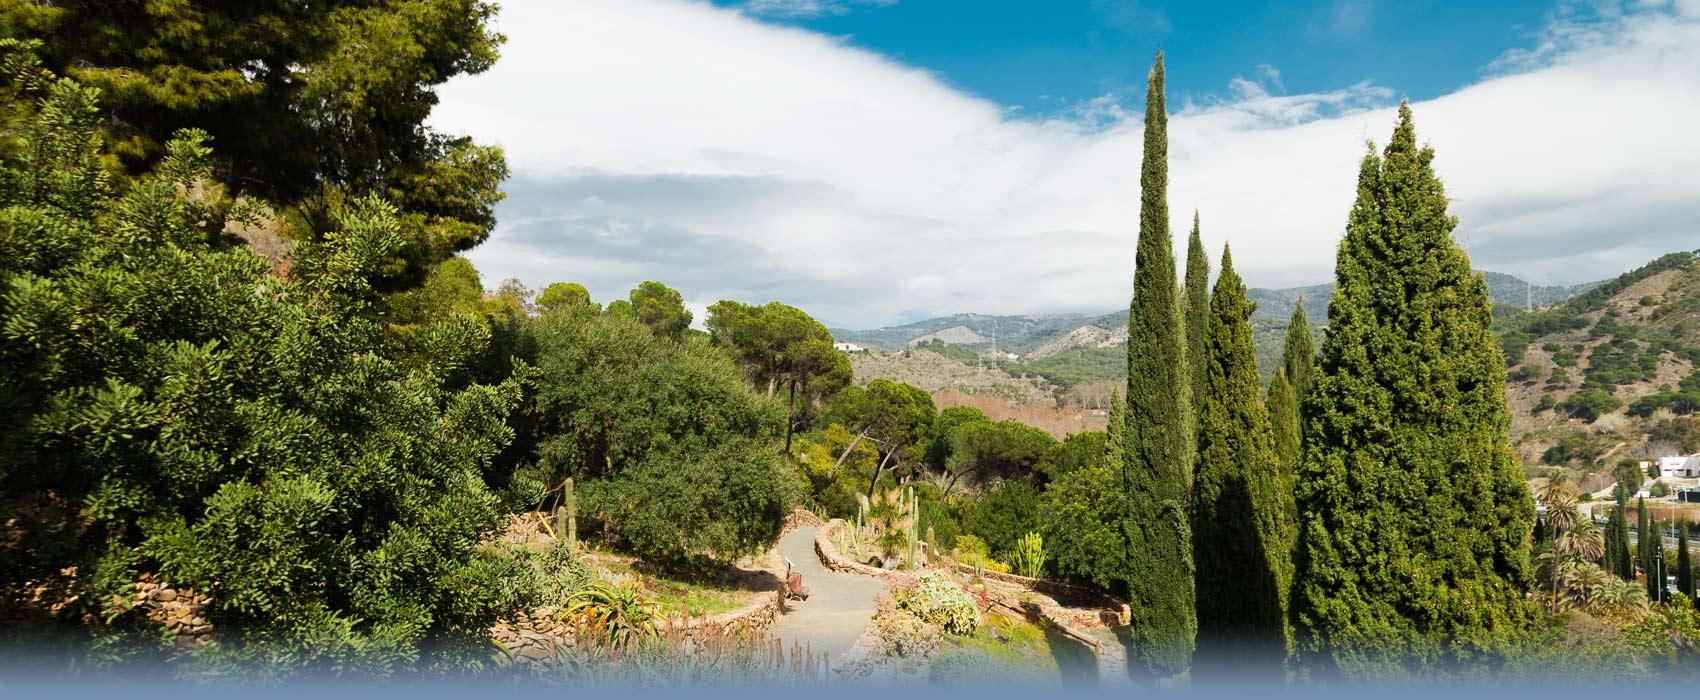 Der Botanische Garten von Malaga